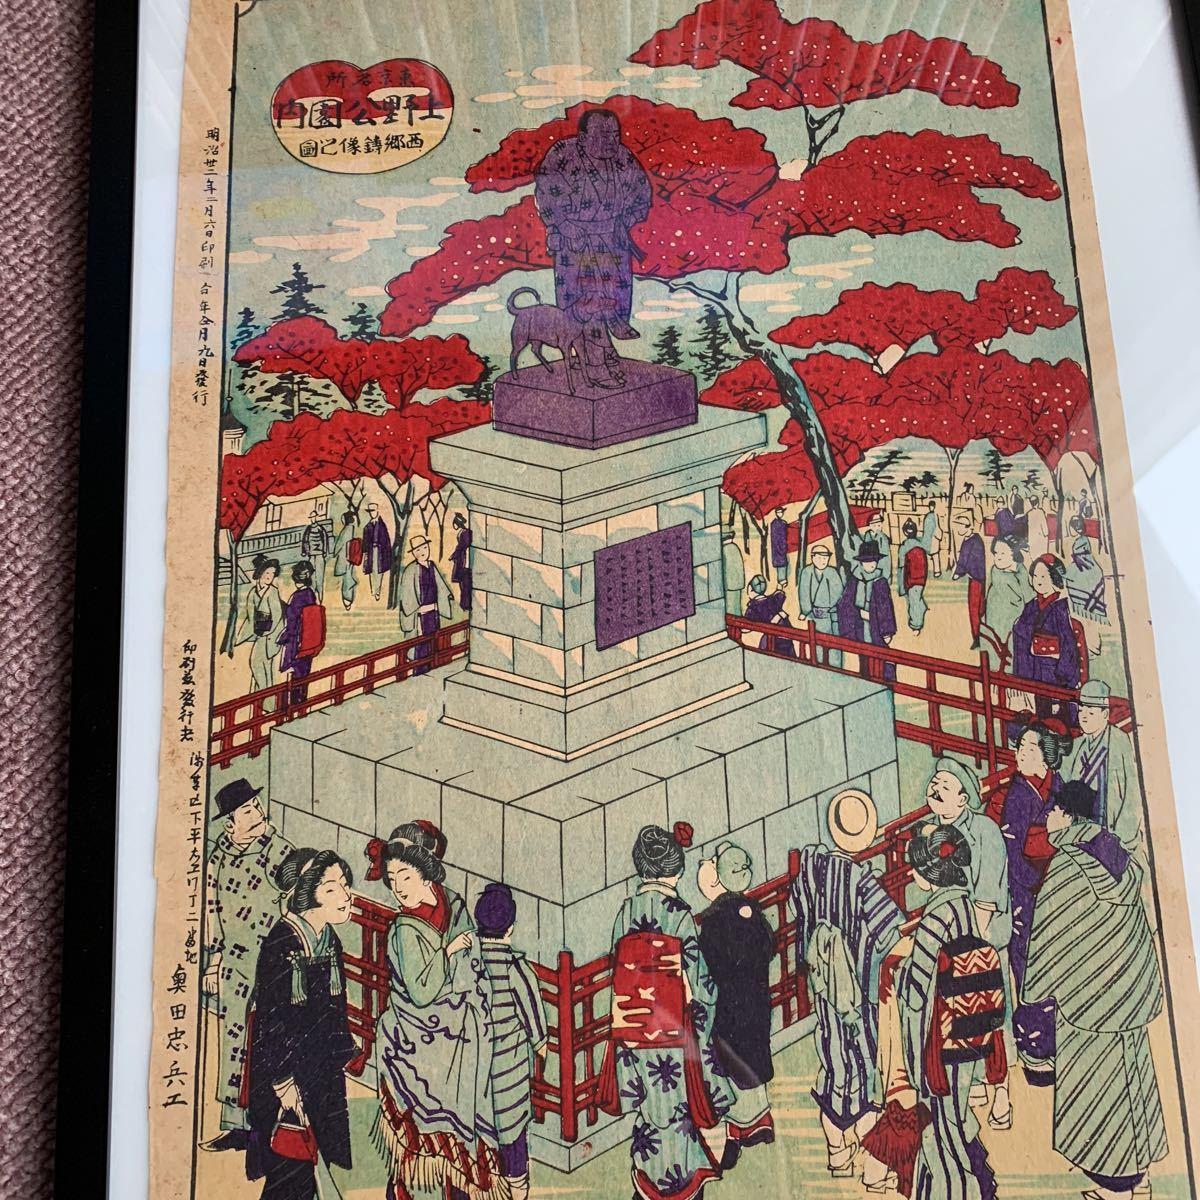 東京名所 上野公園内西郷銅像 版画 明治32年2月6日印刷_画像2